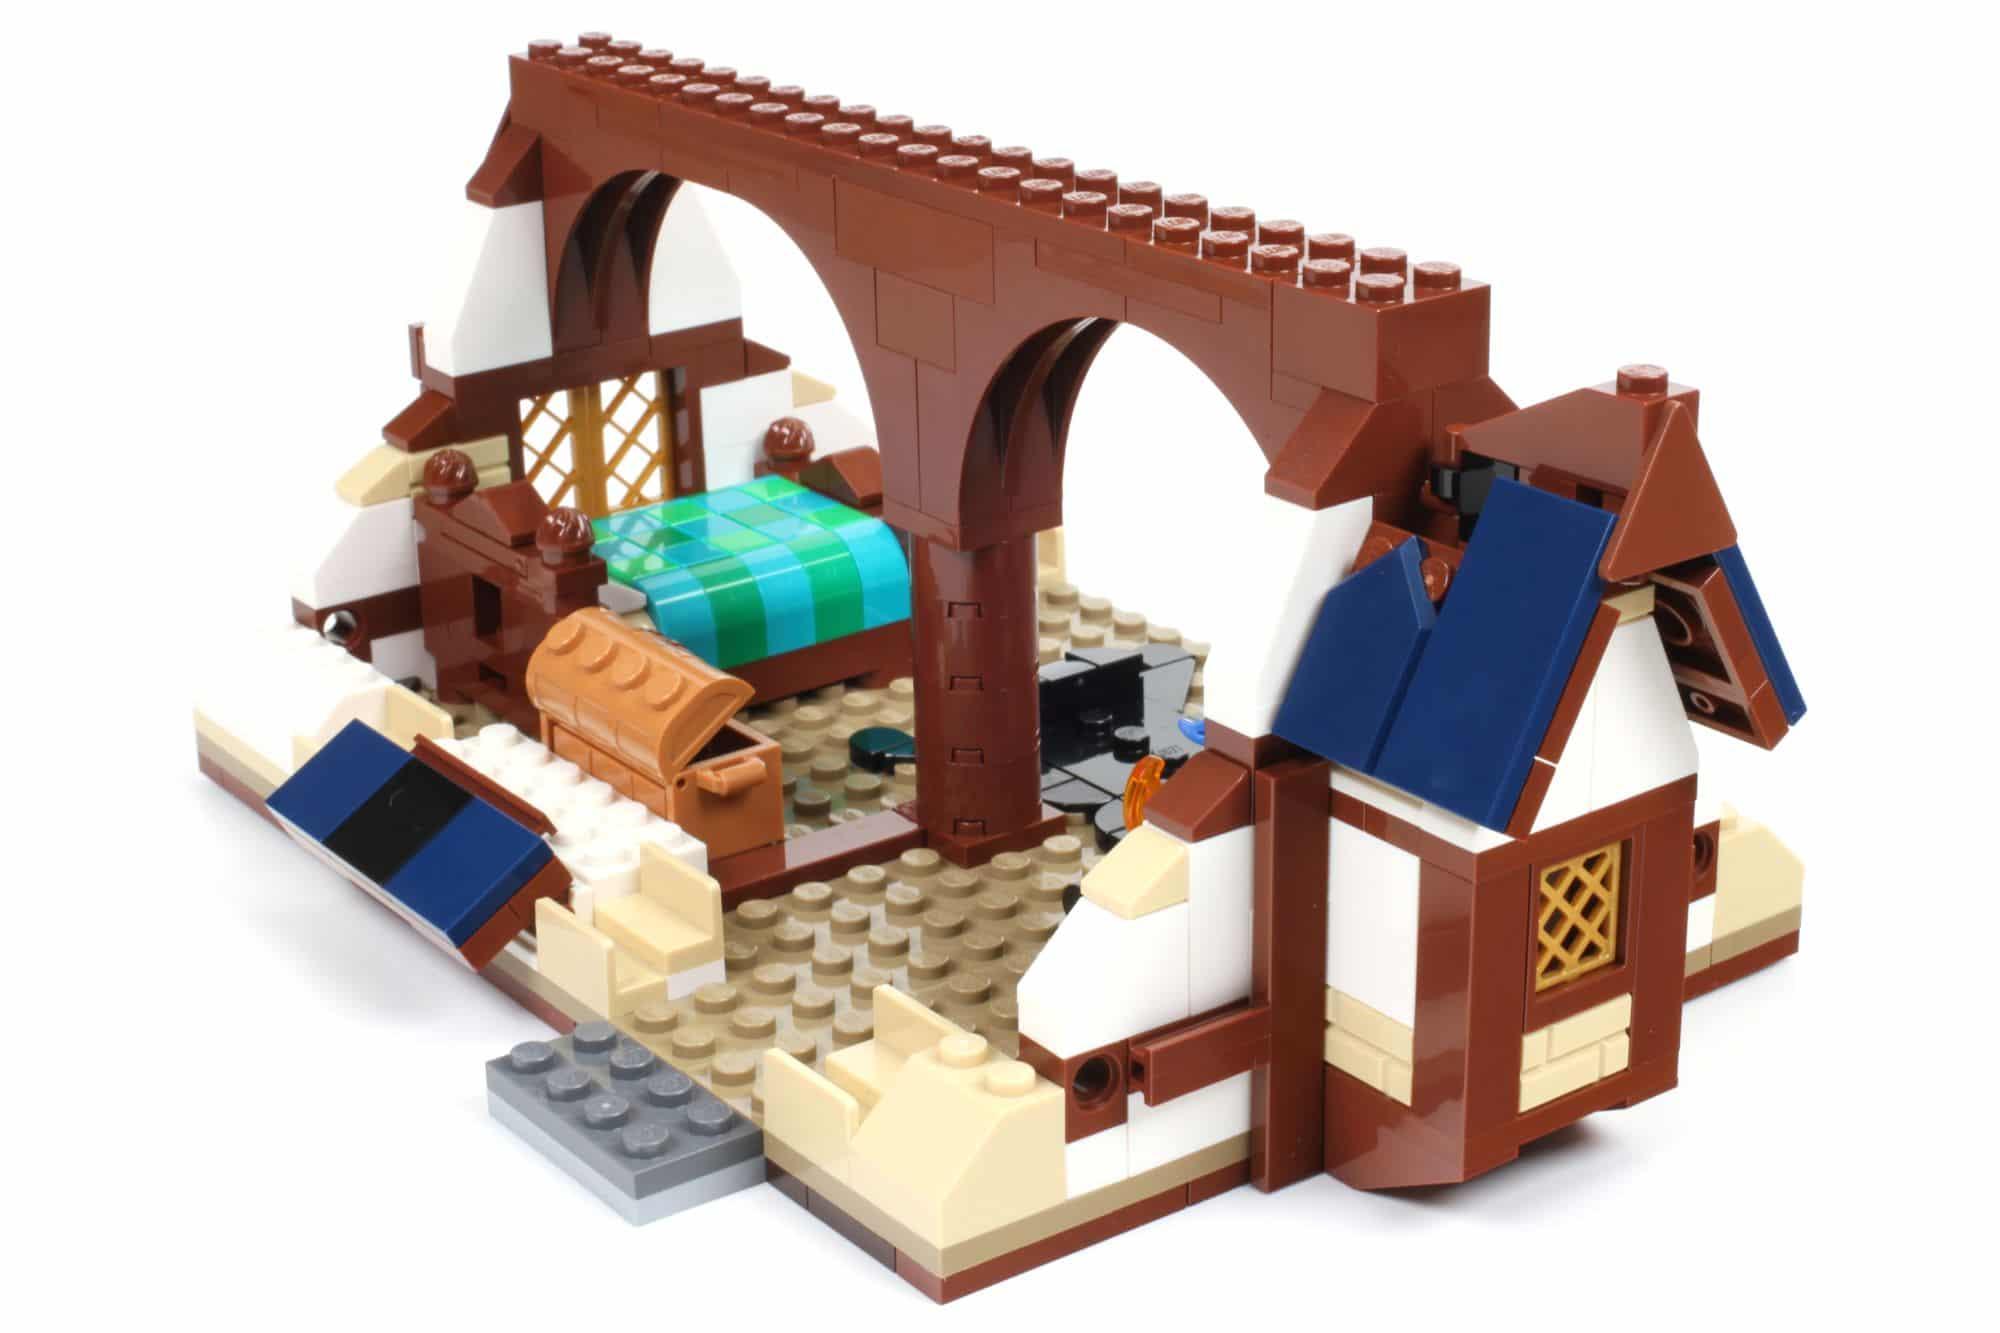 LEGO Ideas 21325 Mittelalterliche Schmiede Bauabschnitt 10 3